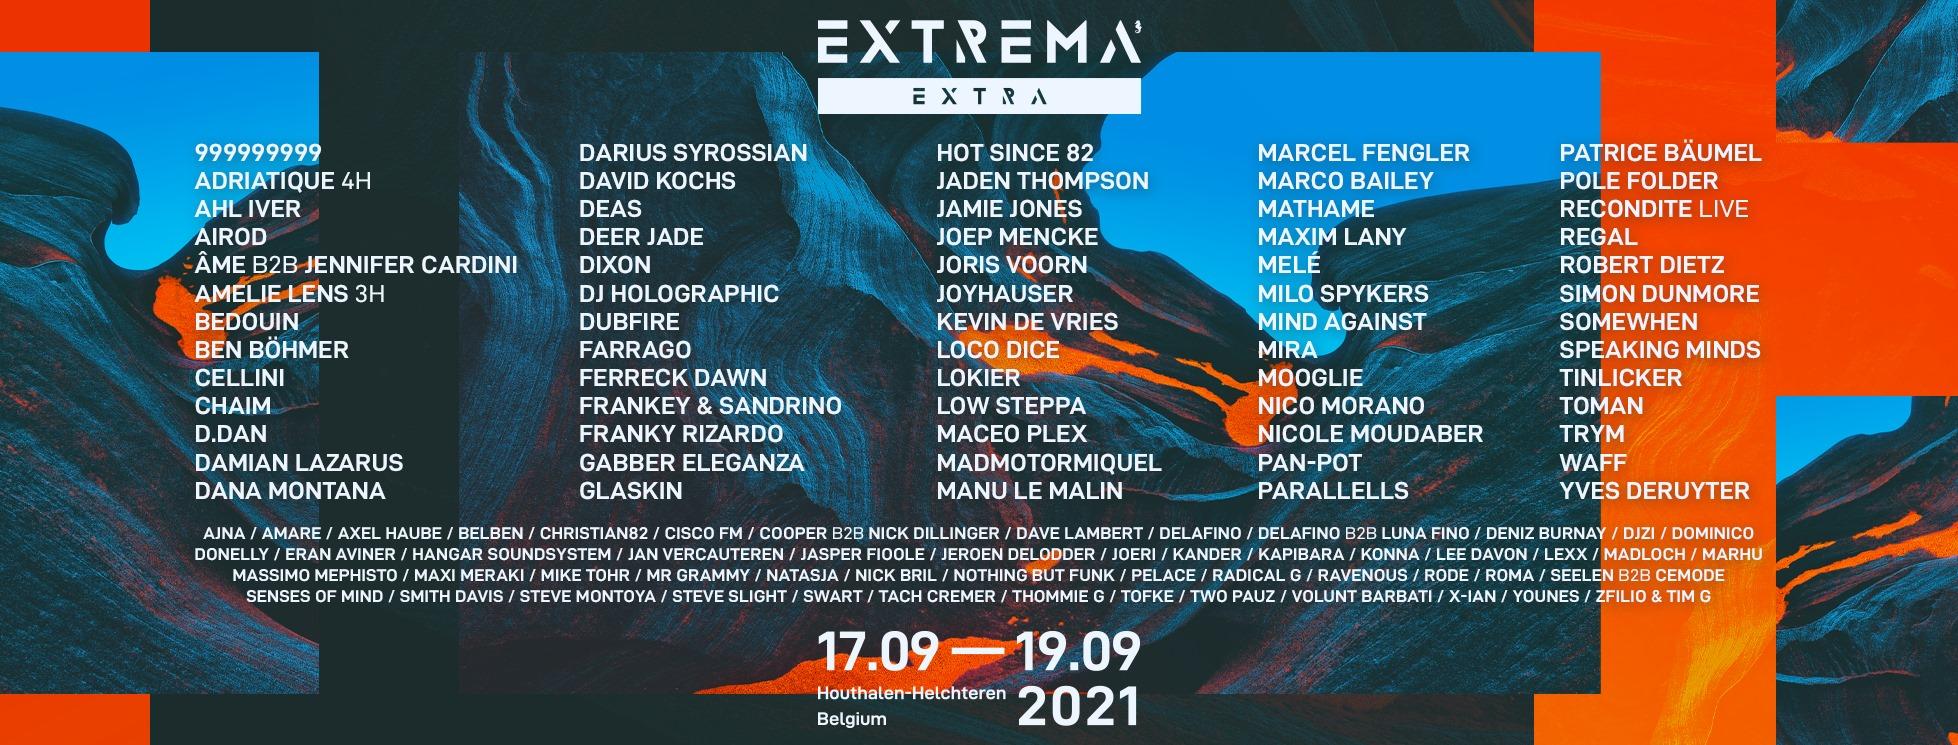 Extrema Extra Festival Belgium September 2021